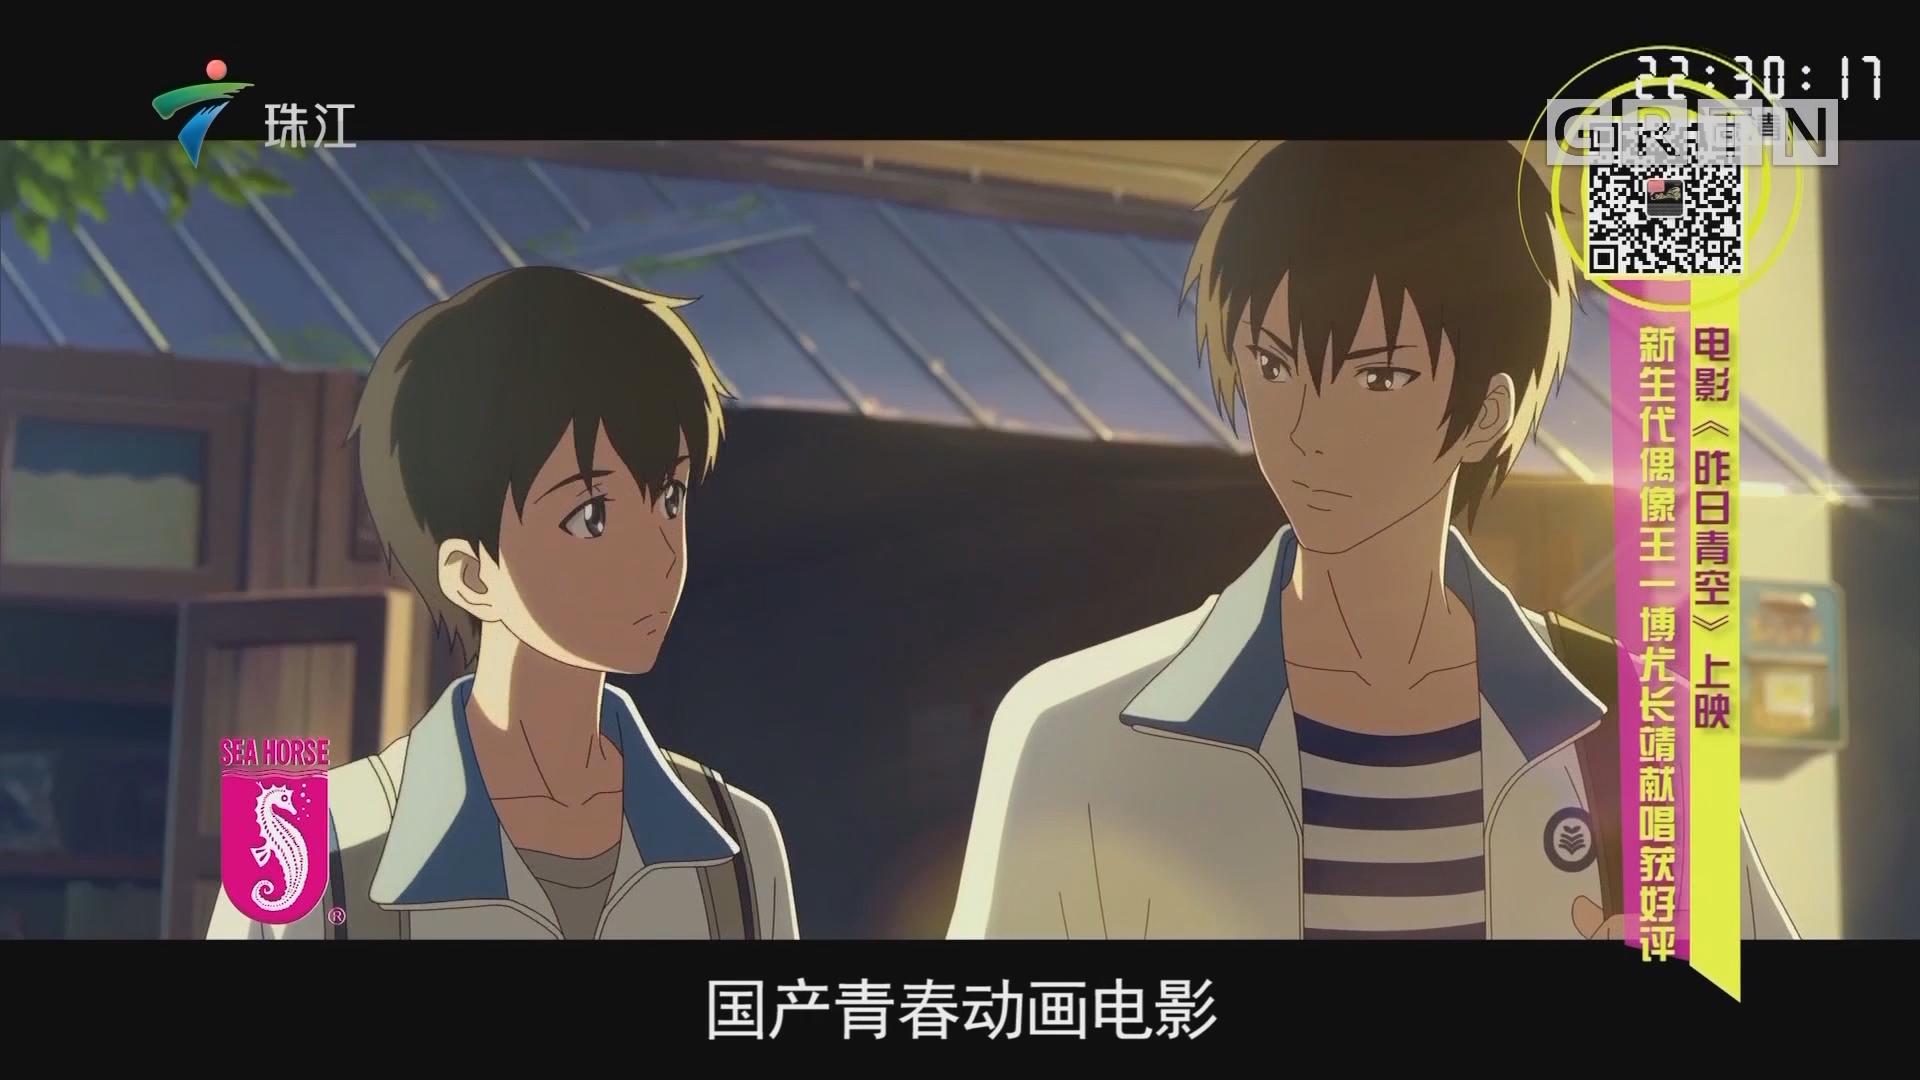 电影《昨日青空》上映 新生代偶像王一博尤长靖献唱获好评